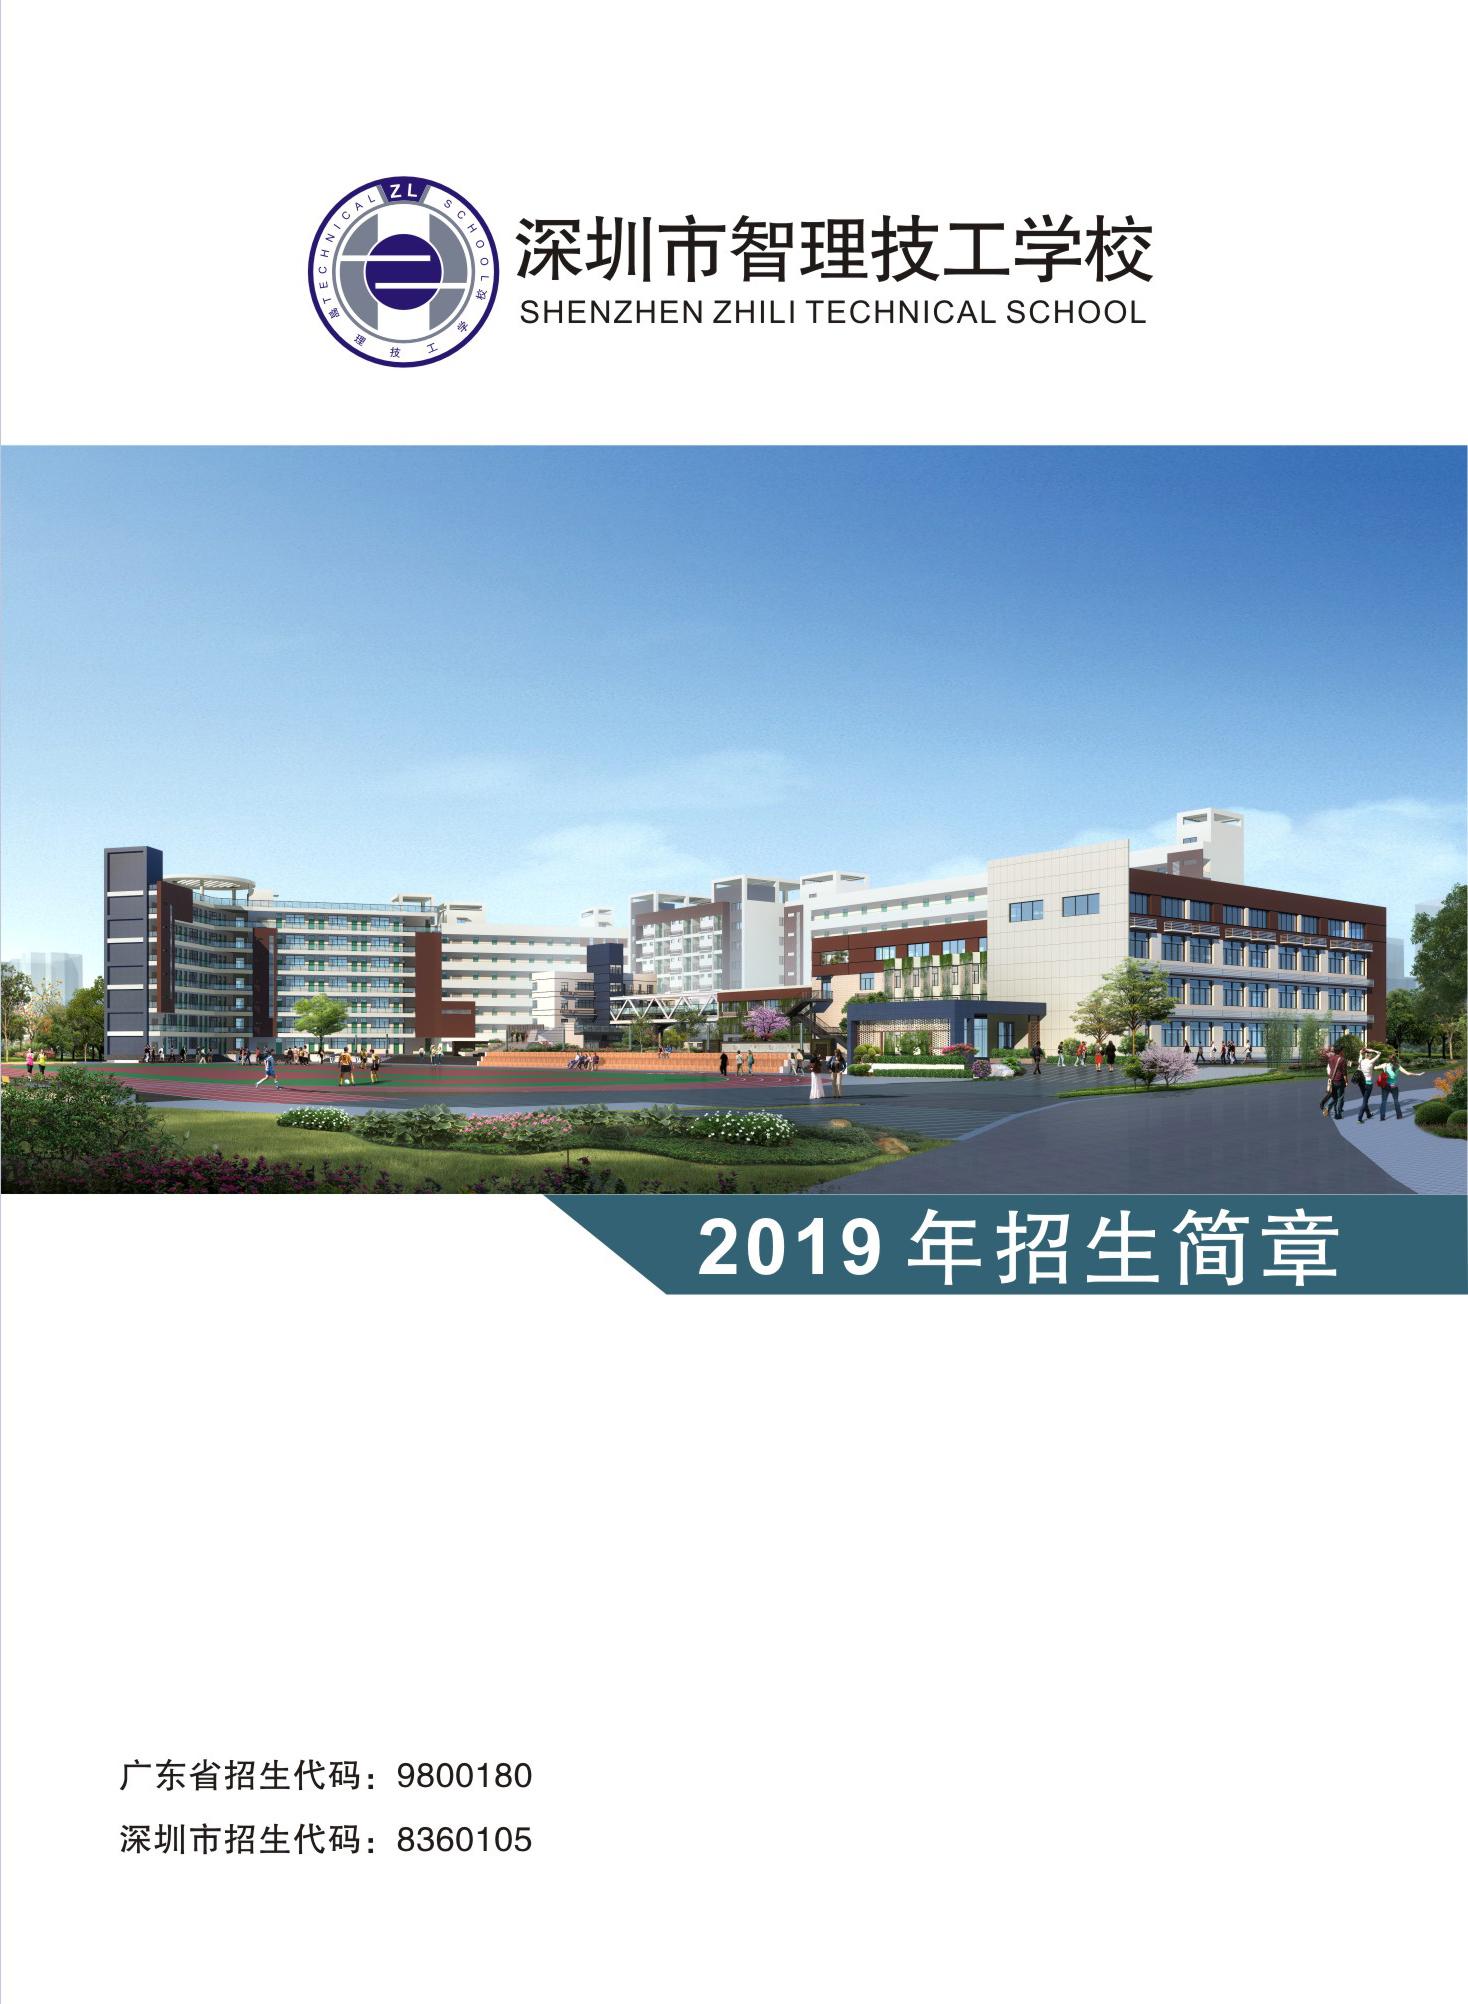 深圳市智理技工学校2019年招生简章